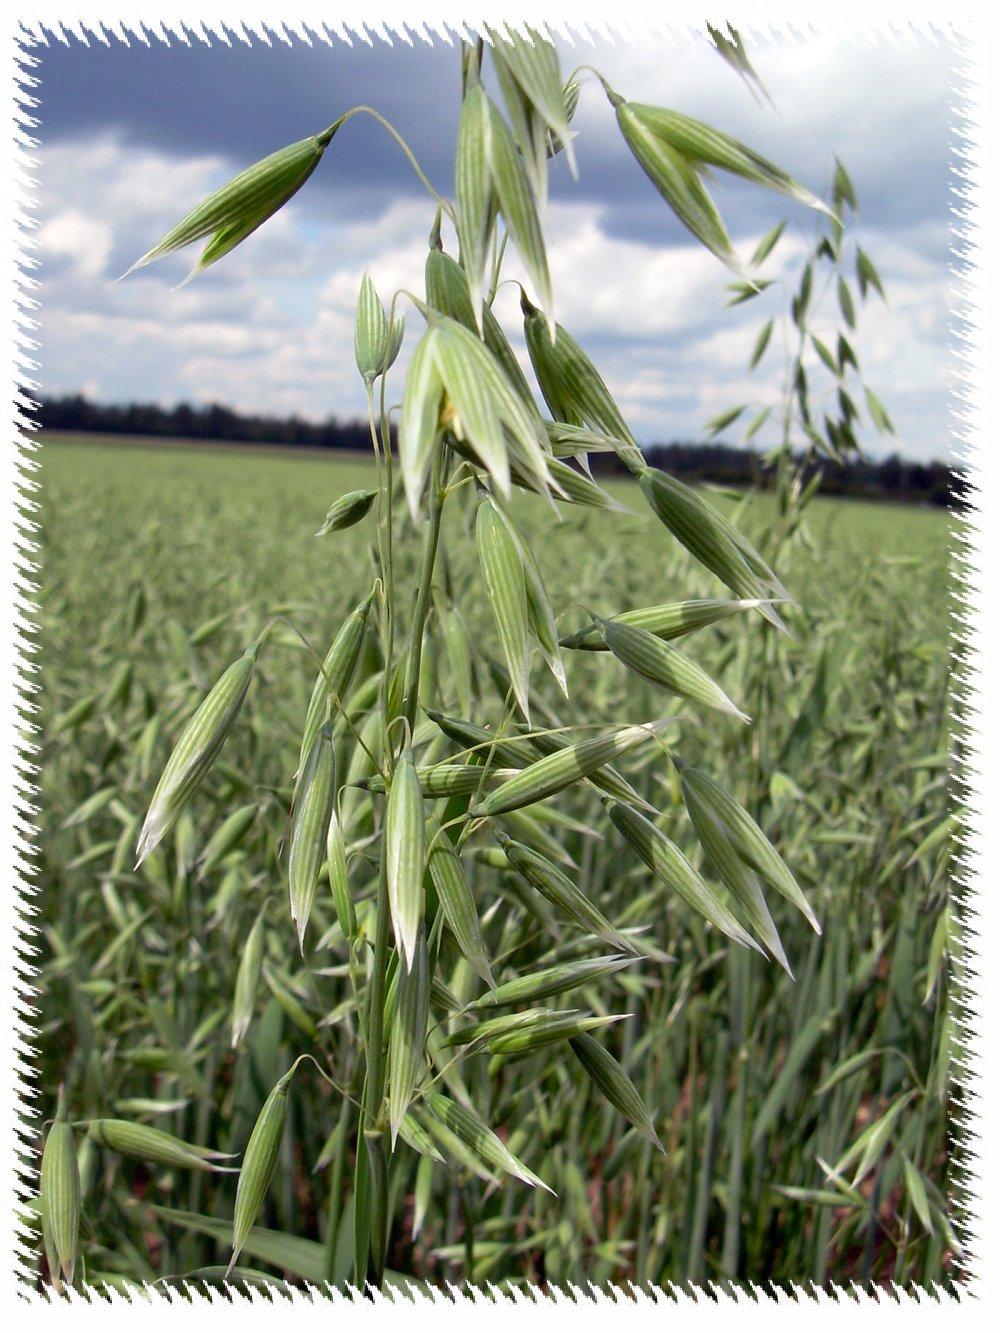 Batang tanaman oat bisa mencapai ketinggian 1,2 meter.